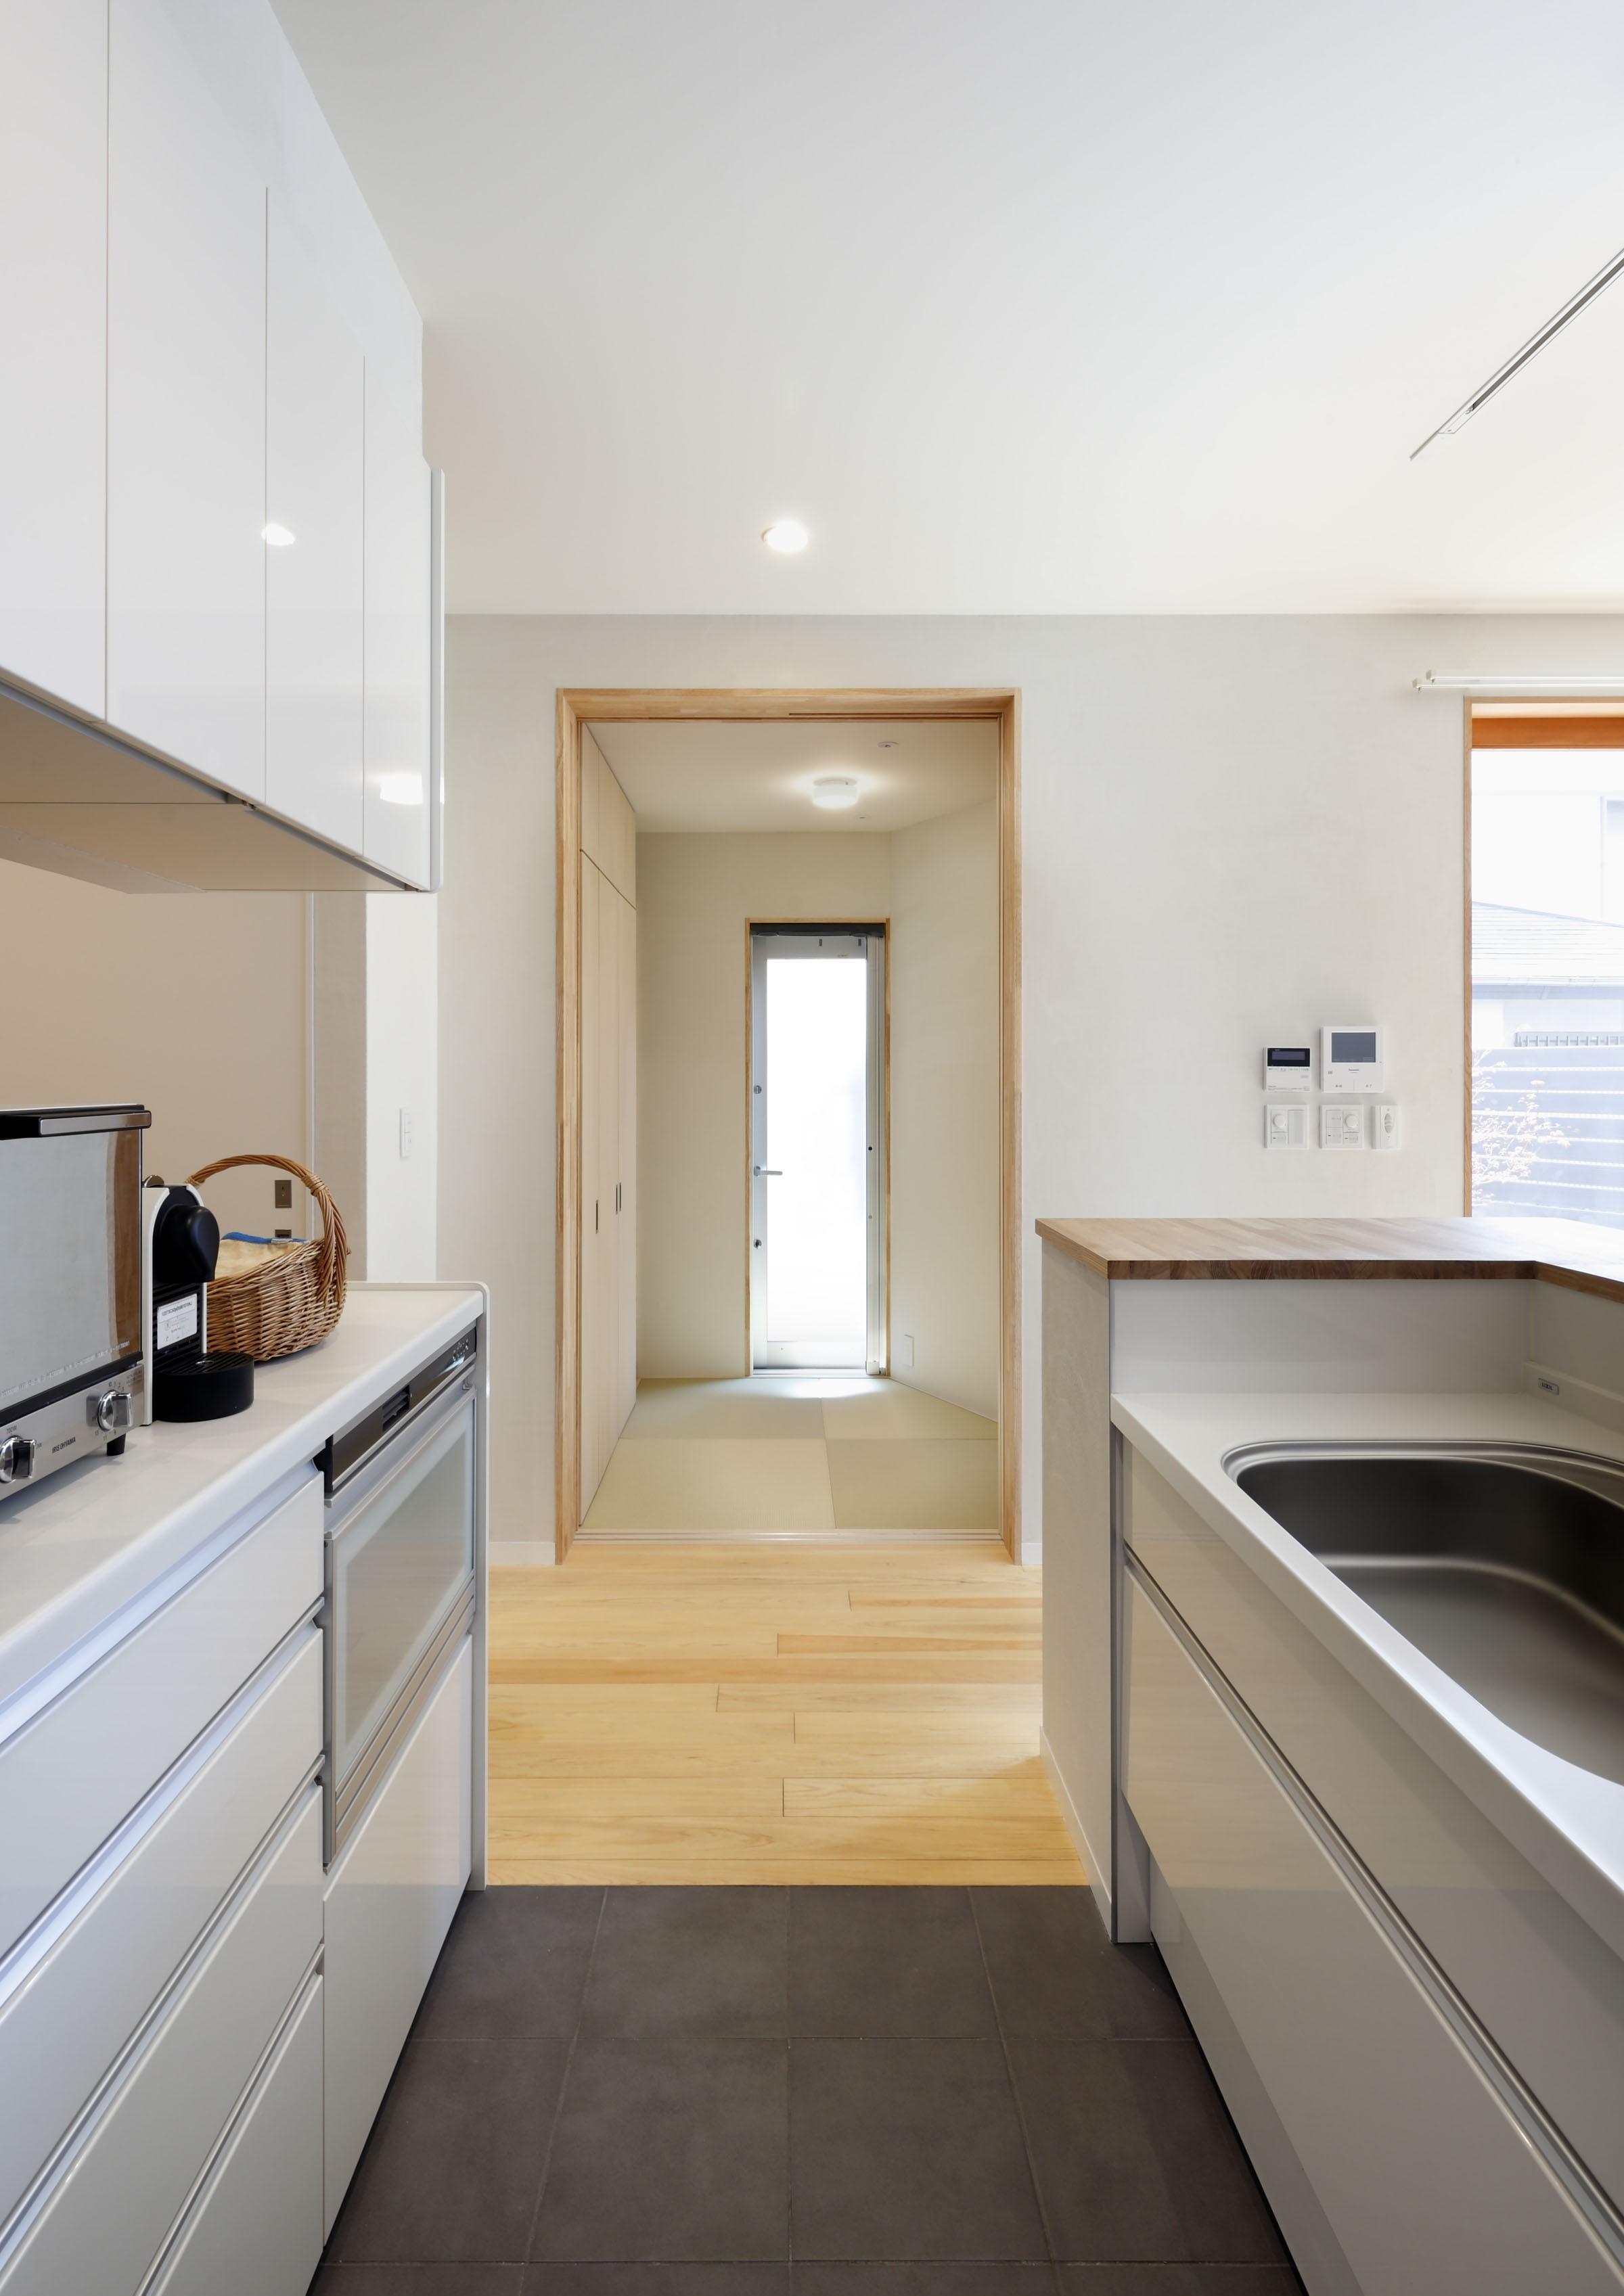 その他事例:キッチン横の多用途な和室(中庭のある無垢な珪藻土の家 – 共働き世帯の家事効率を練りに練ったプラン –)